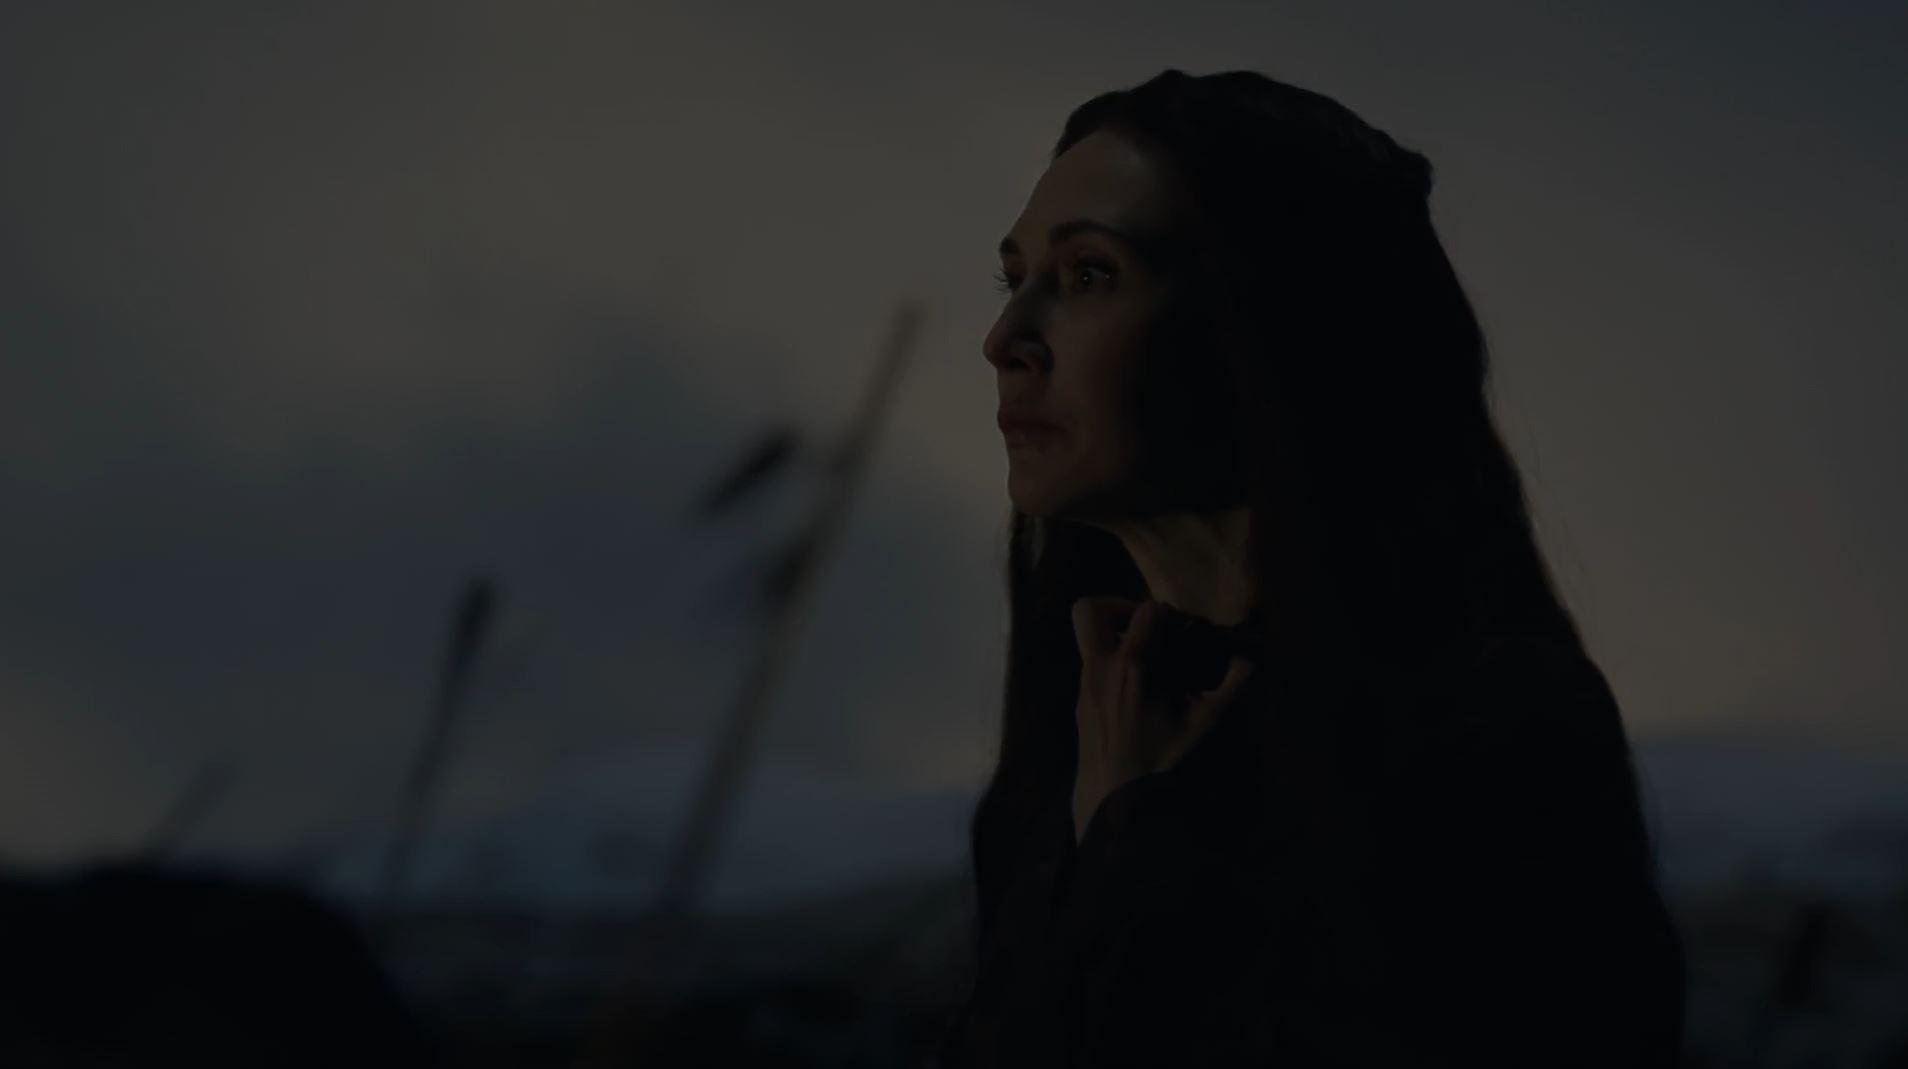 Game of Thrones season 8, episode 3 analysis: The Long Night